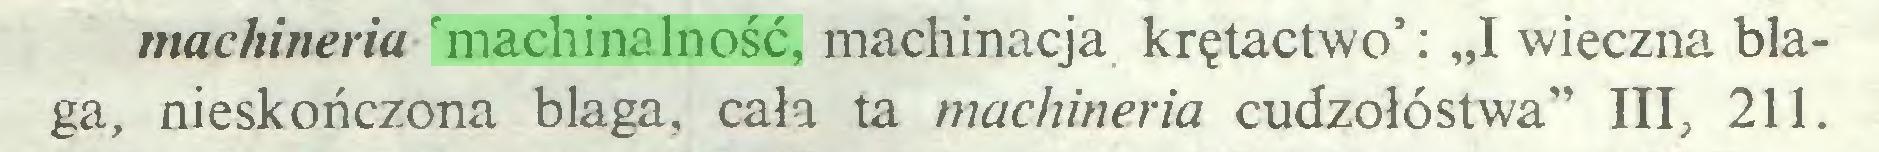 """(...) machineria 'machinalność, machinacja krętactwo': """"I wieczna blaga, nieskończona blaga, cała ta machineria cudzołóstwa"""" III, 211..."""